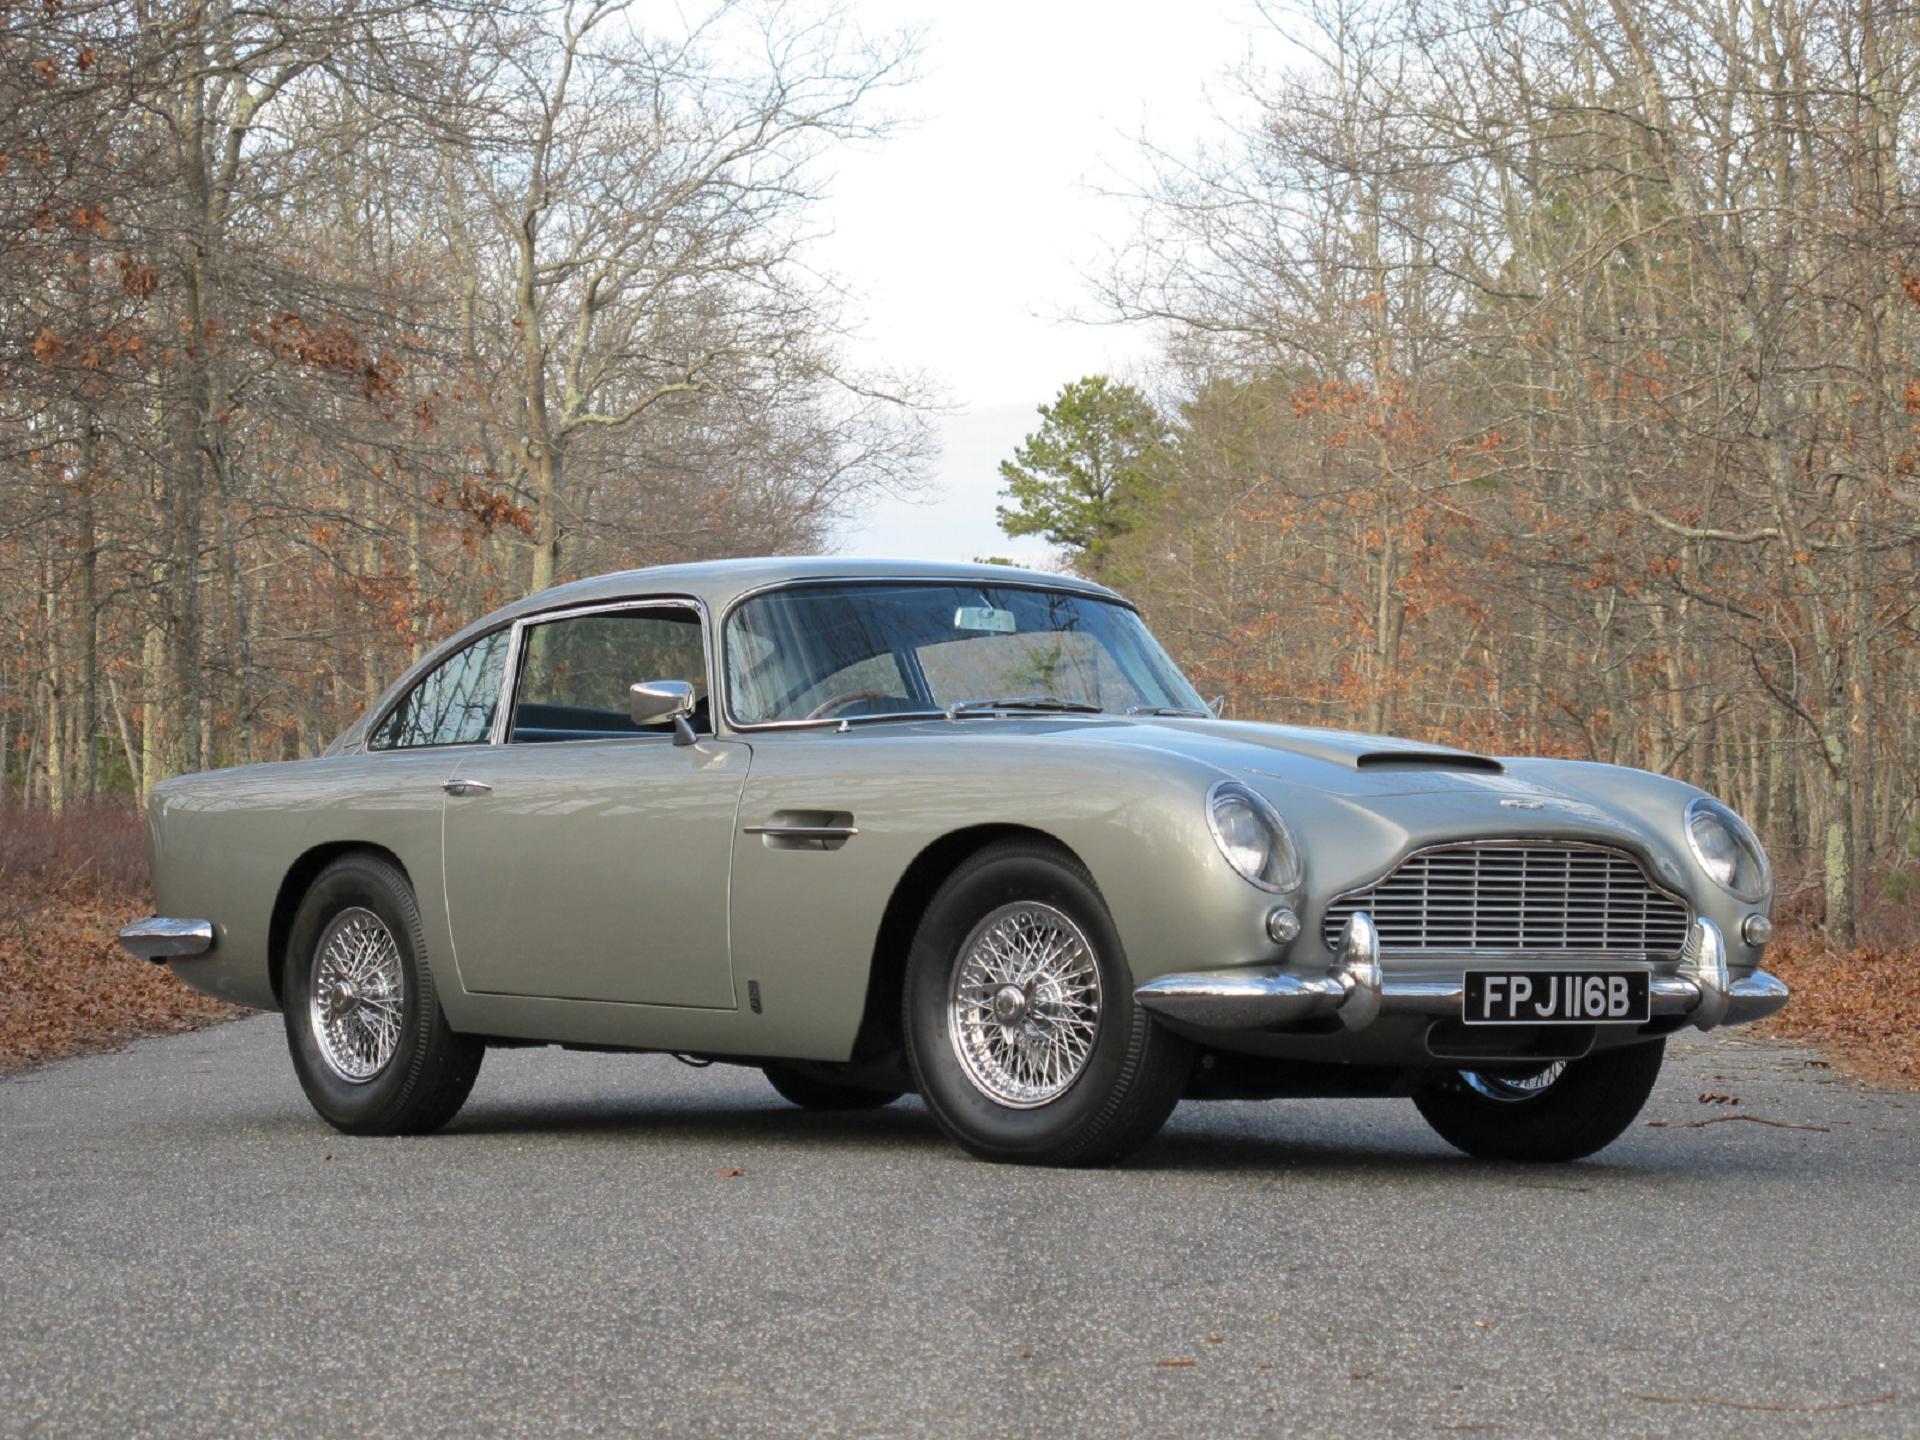 Aston Martin Db5 Widescreen